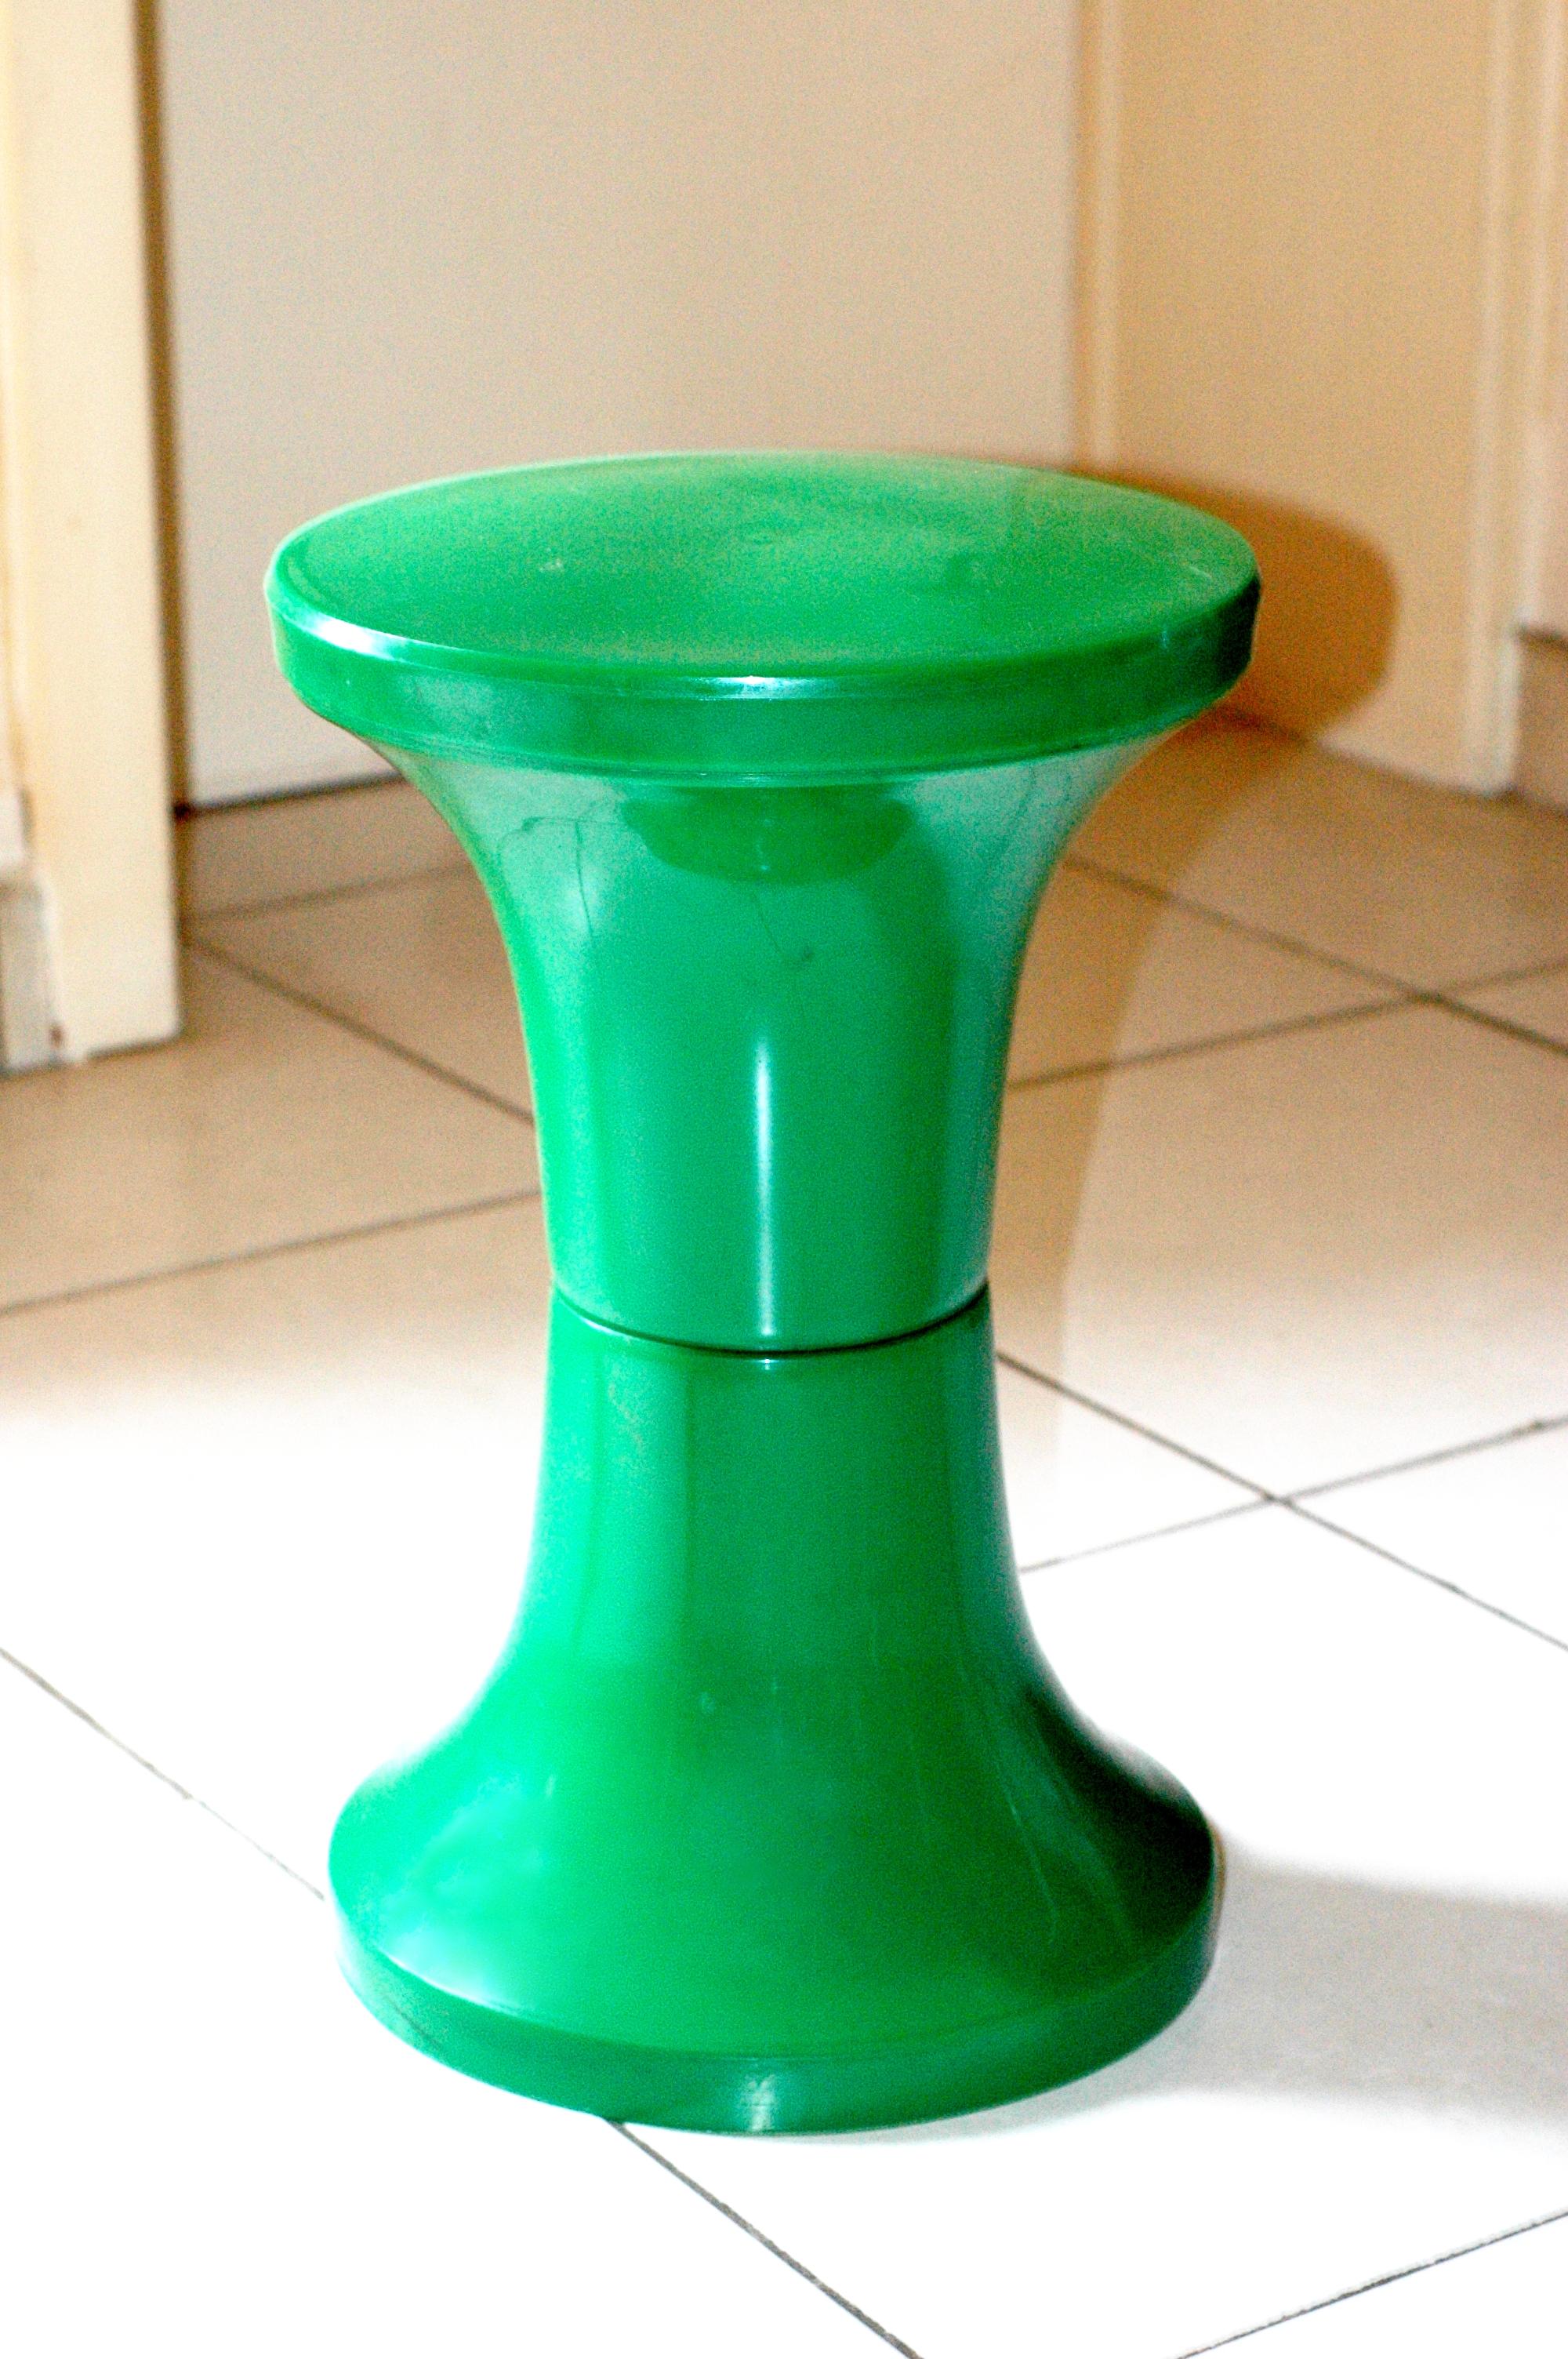 Tabouret Tam Tam Original file:tabouret tam tam - wikimedia commons